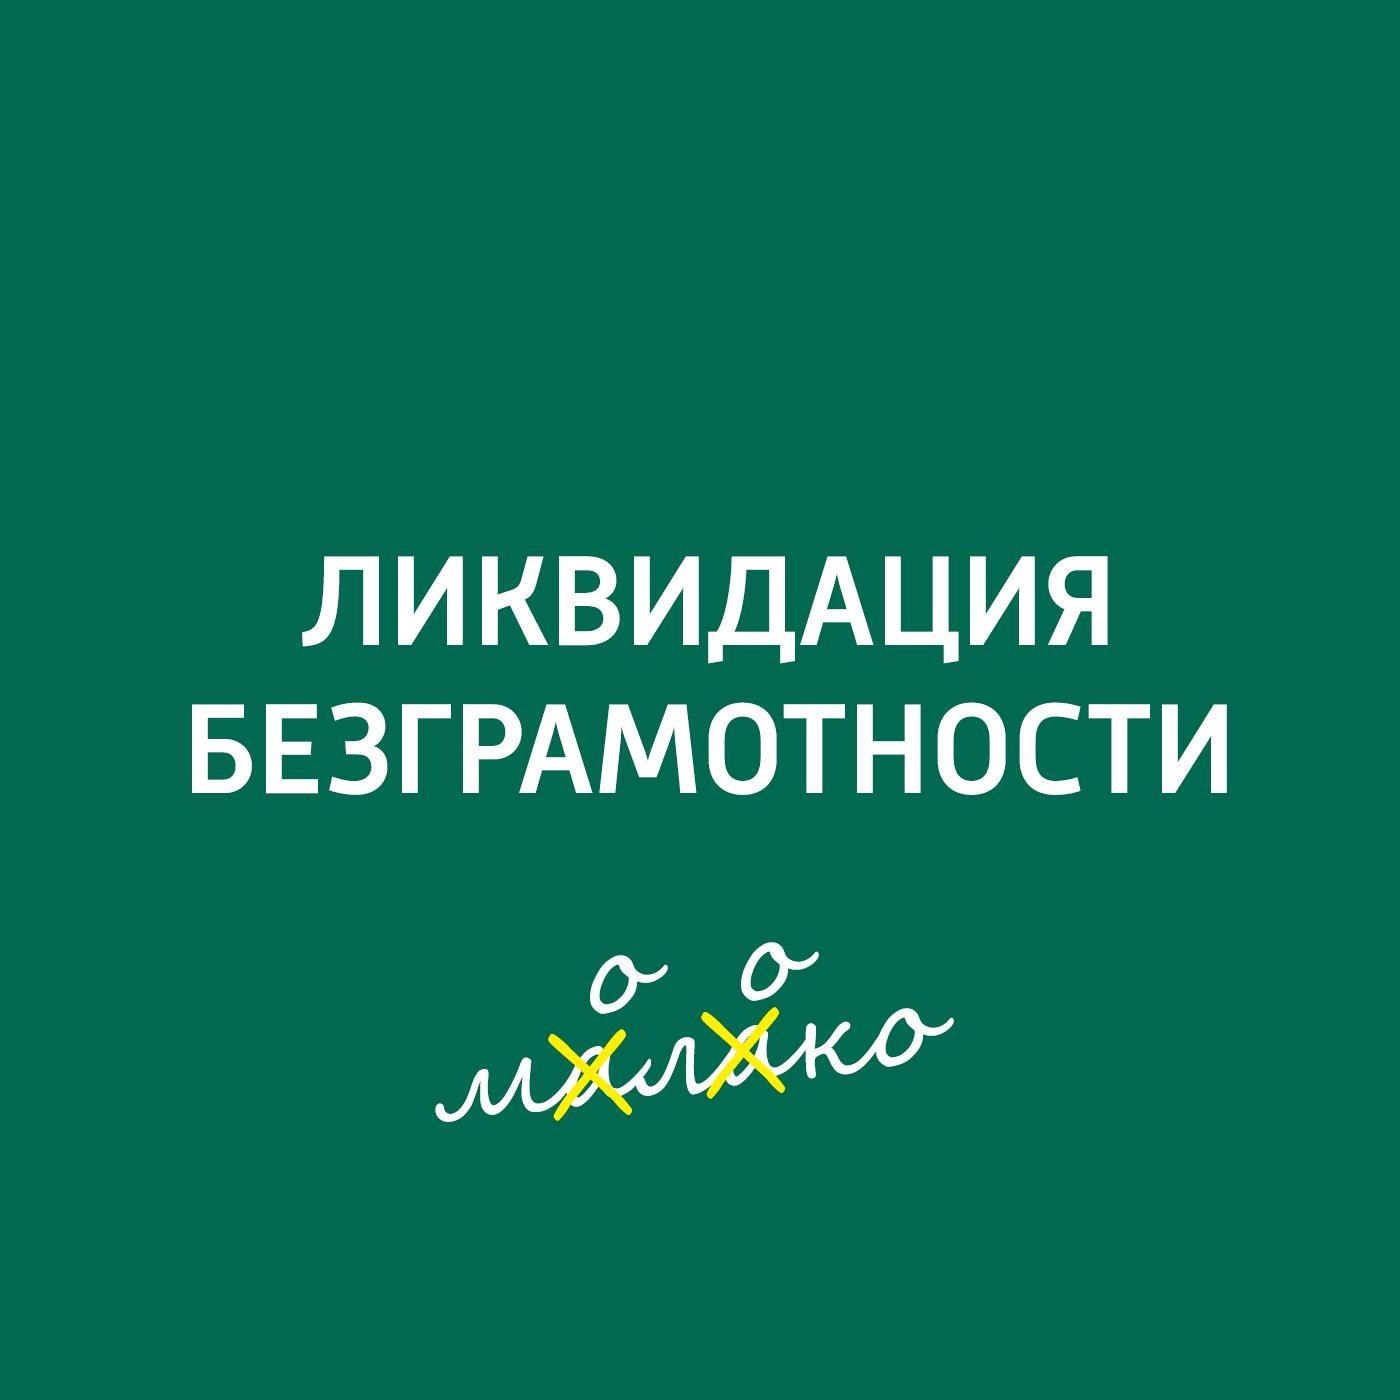 Творческий коллектив шоу «Сергей Стиллавин и его друзья» Речевая практика и игра слов